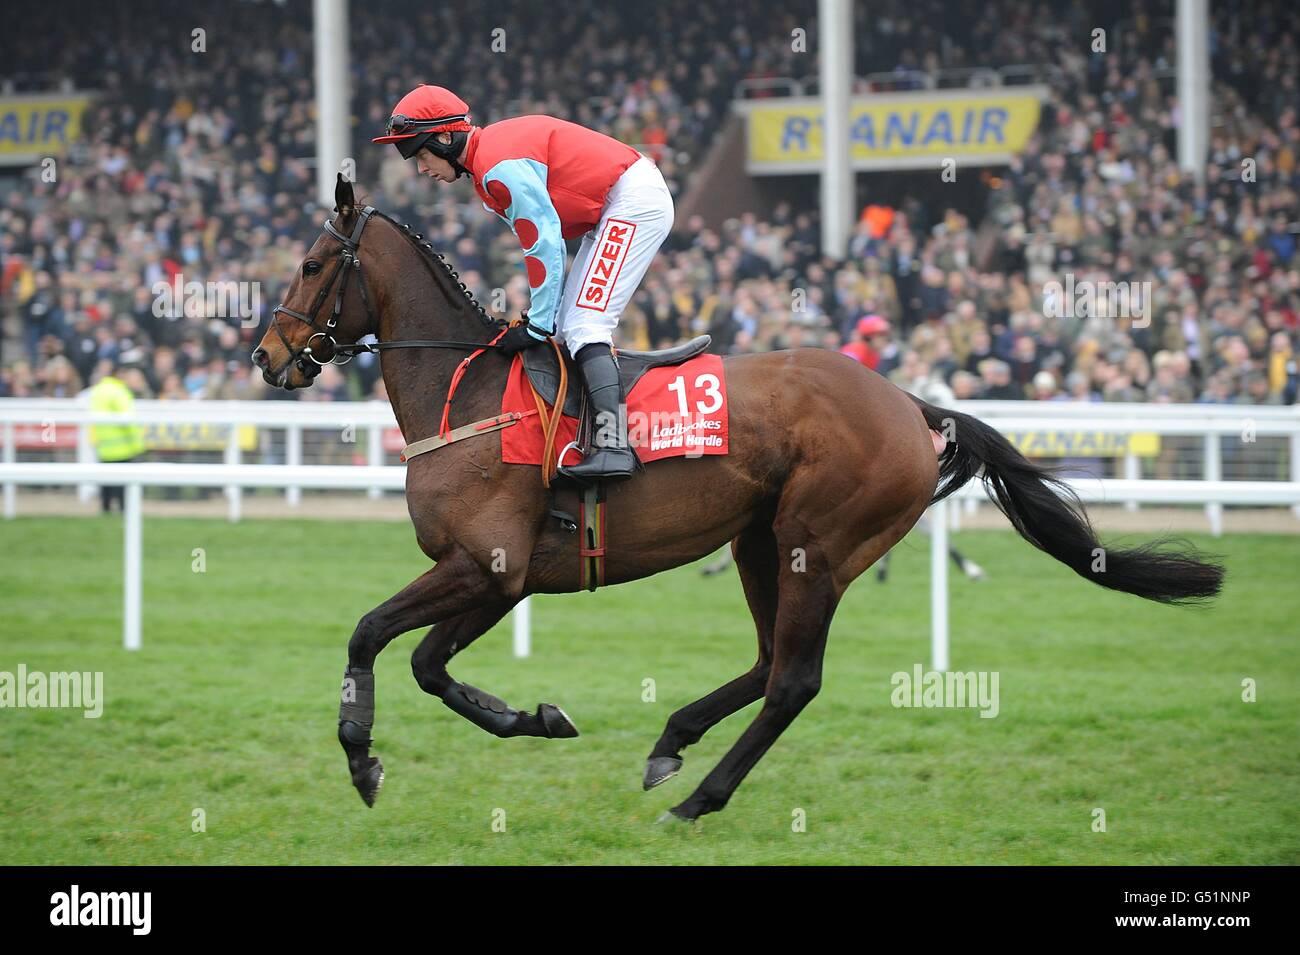 Horse Racing - Cheltenham Festival 2012 - Jour trois - l'Hippodrome de Cheltenham Photo Stock